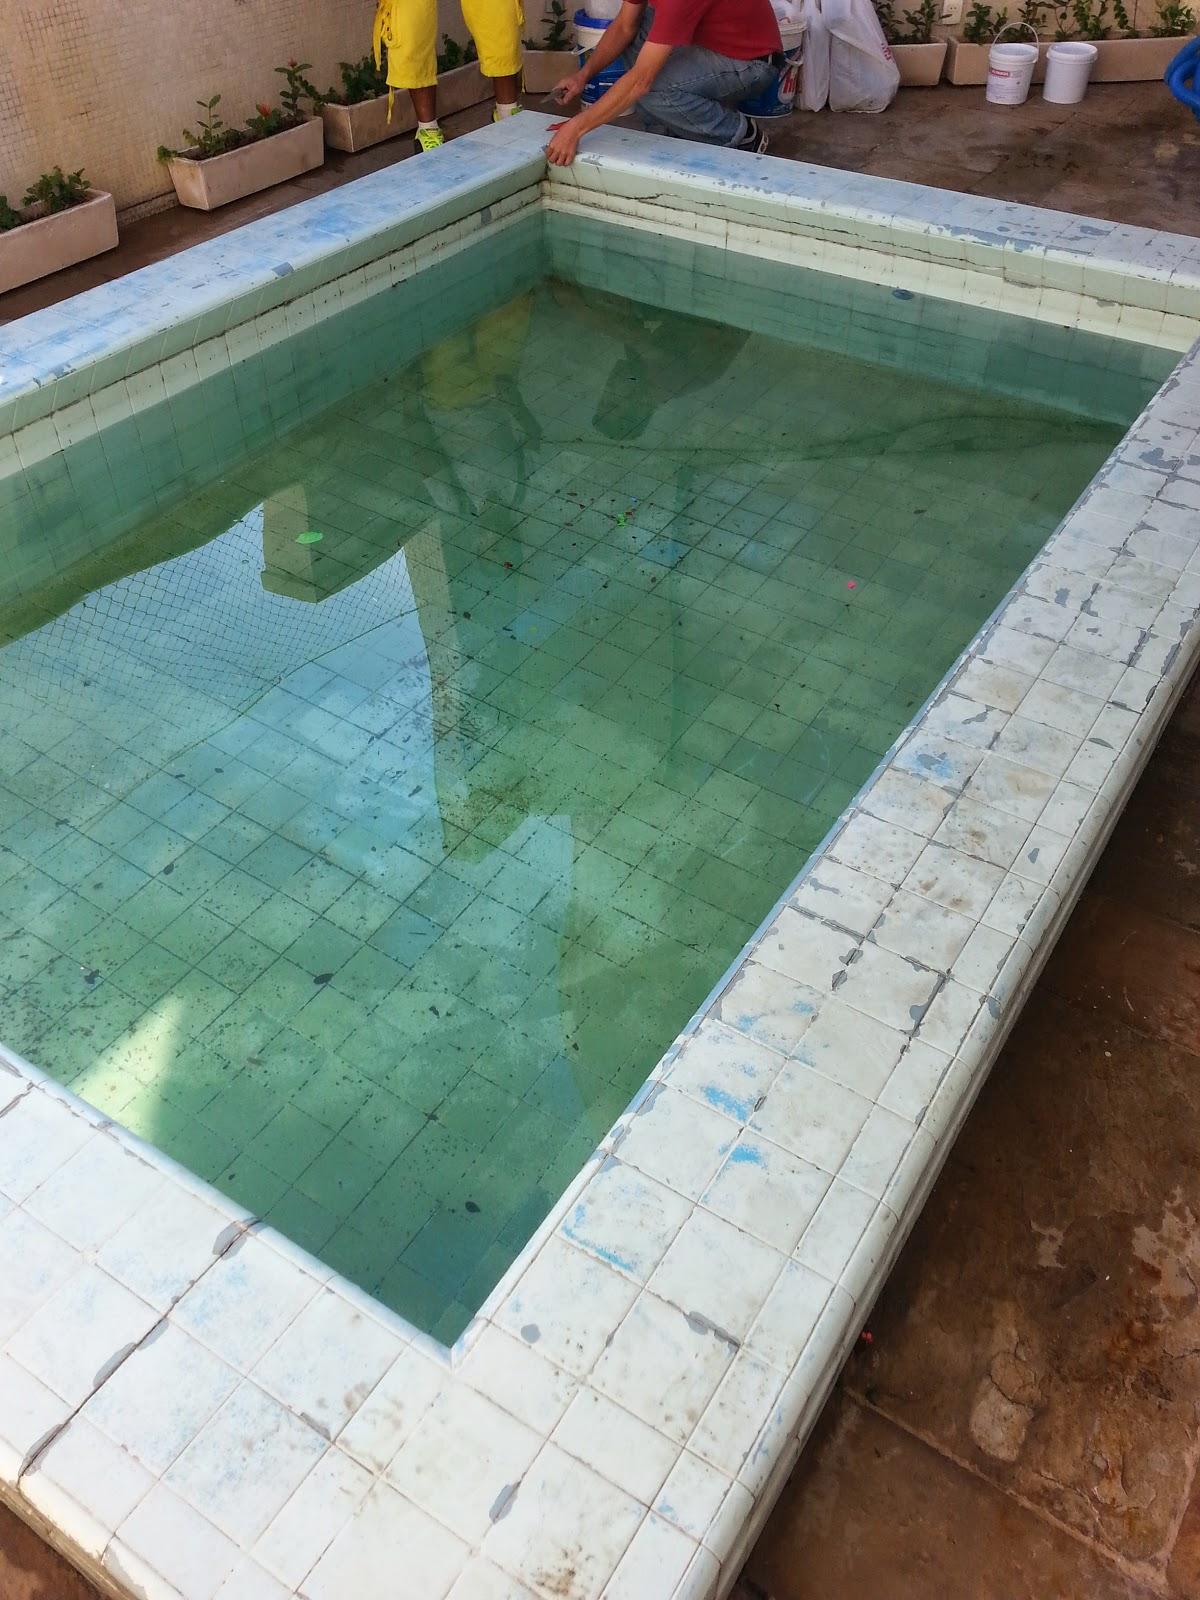 Pintura piscina de azulejo com tinta epoxi 05 cinco anos - Pintura para piscina ...